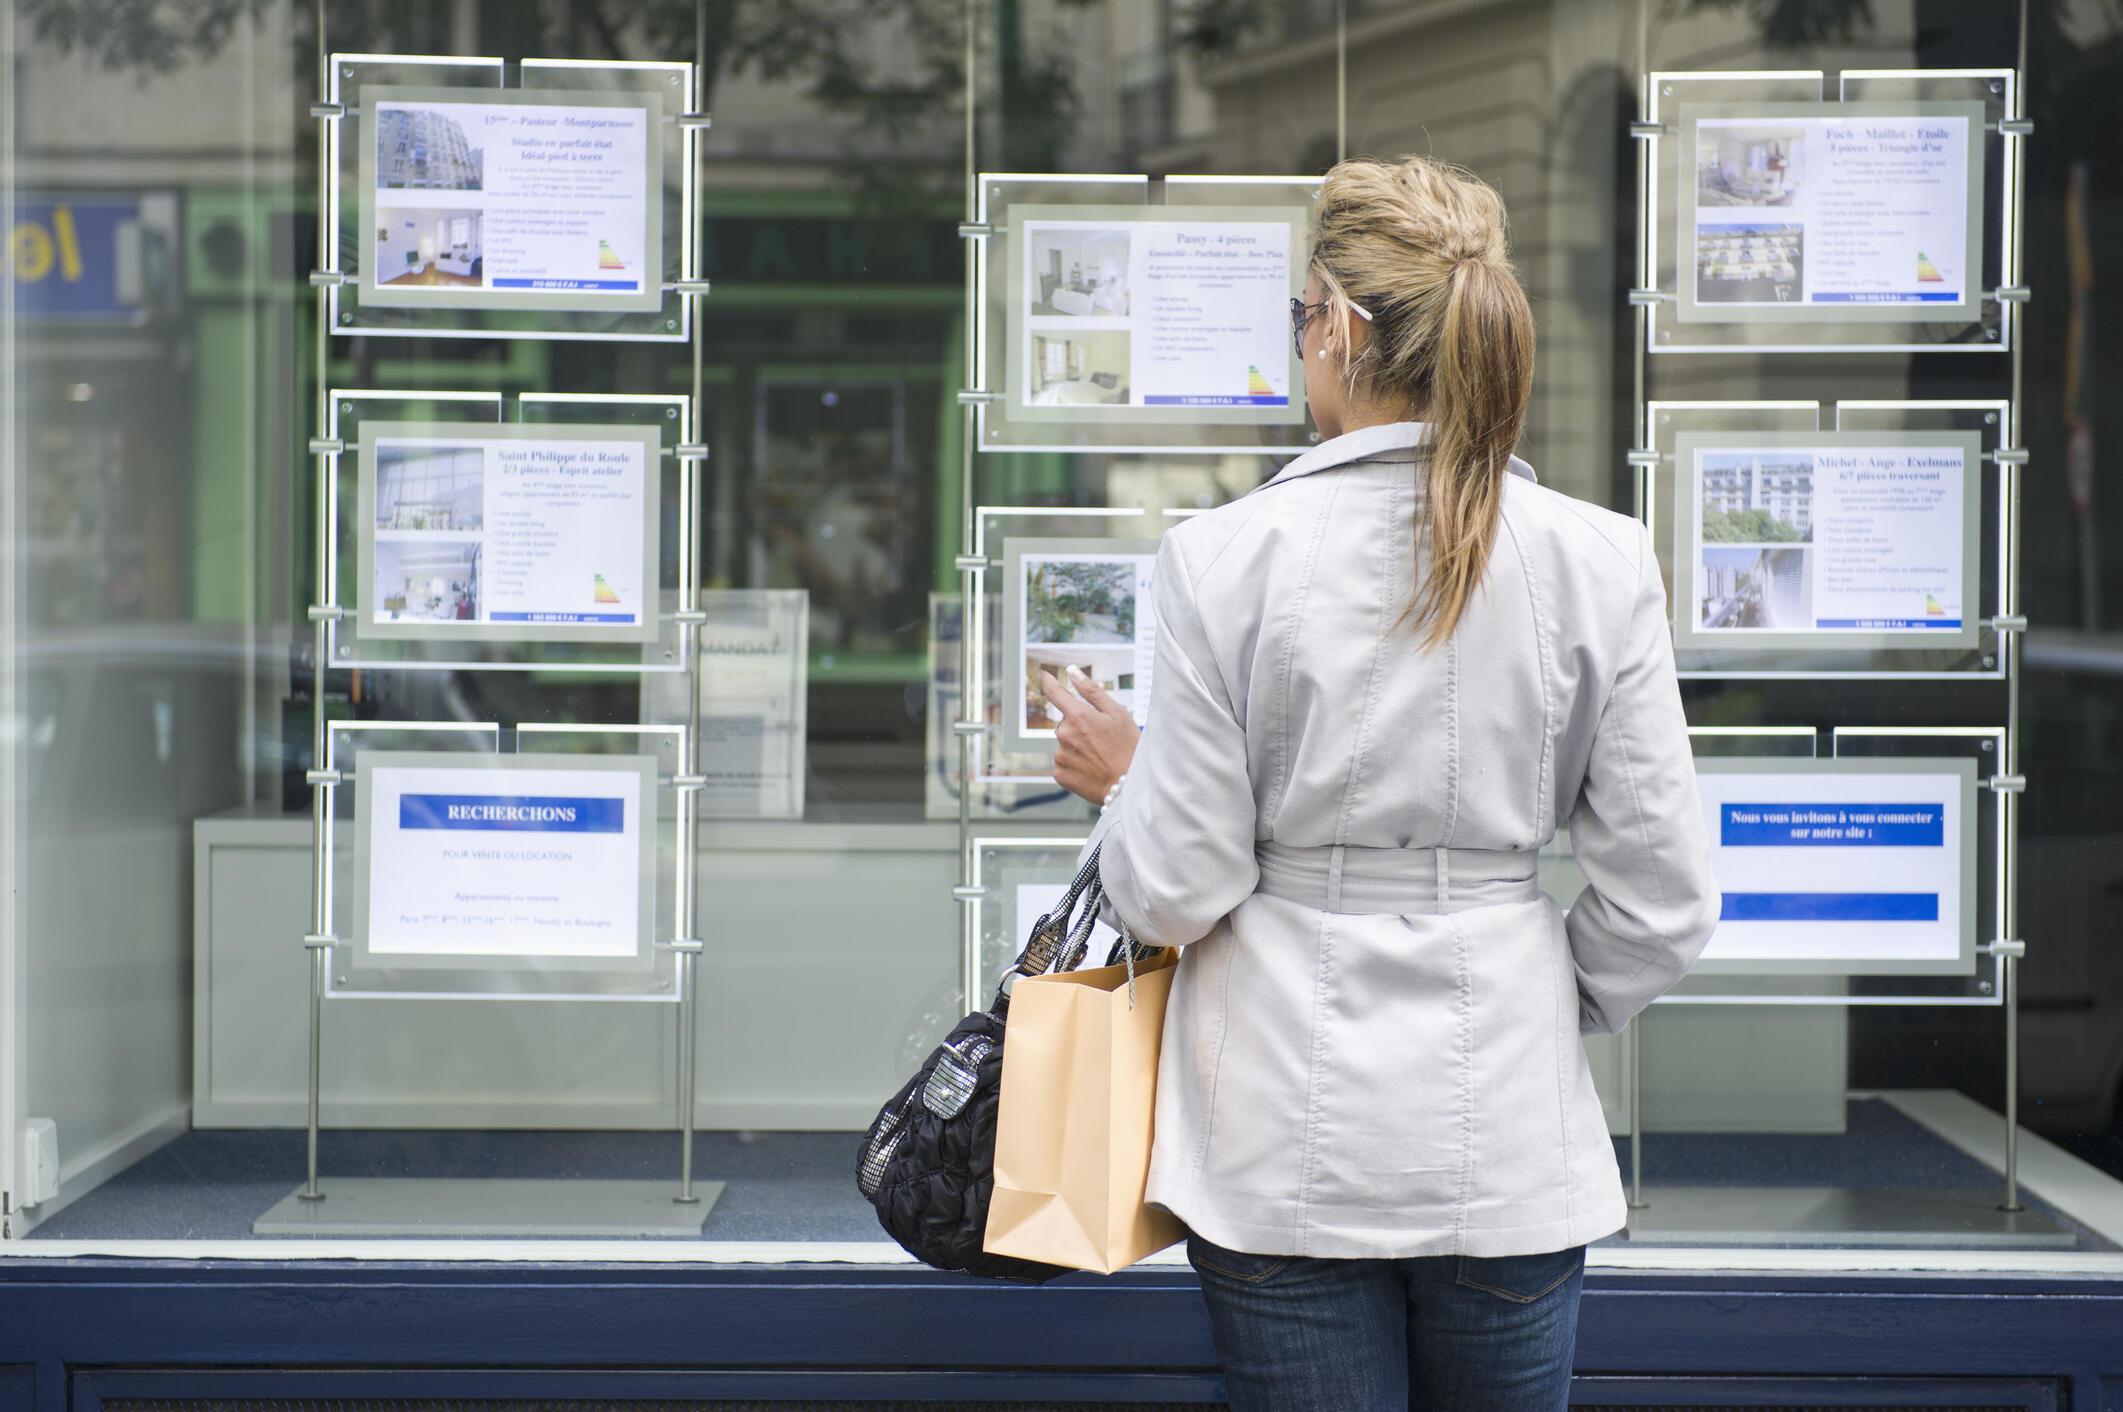 En France, la faiblesse des taux d'intérêt a réveillé la demande dans le secteur de l'immobilier et a entraîné avec elle le marché du neuf comme celui de l'ancien.